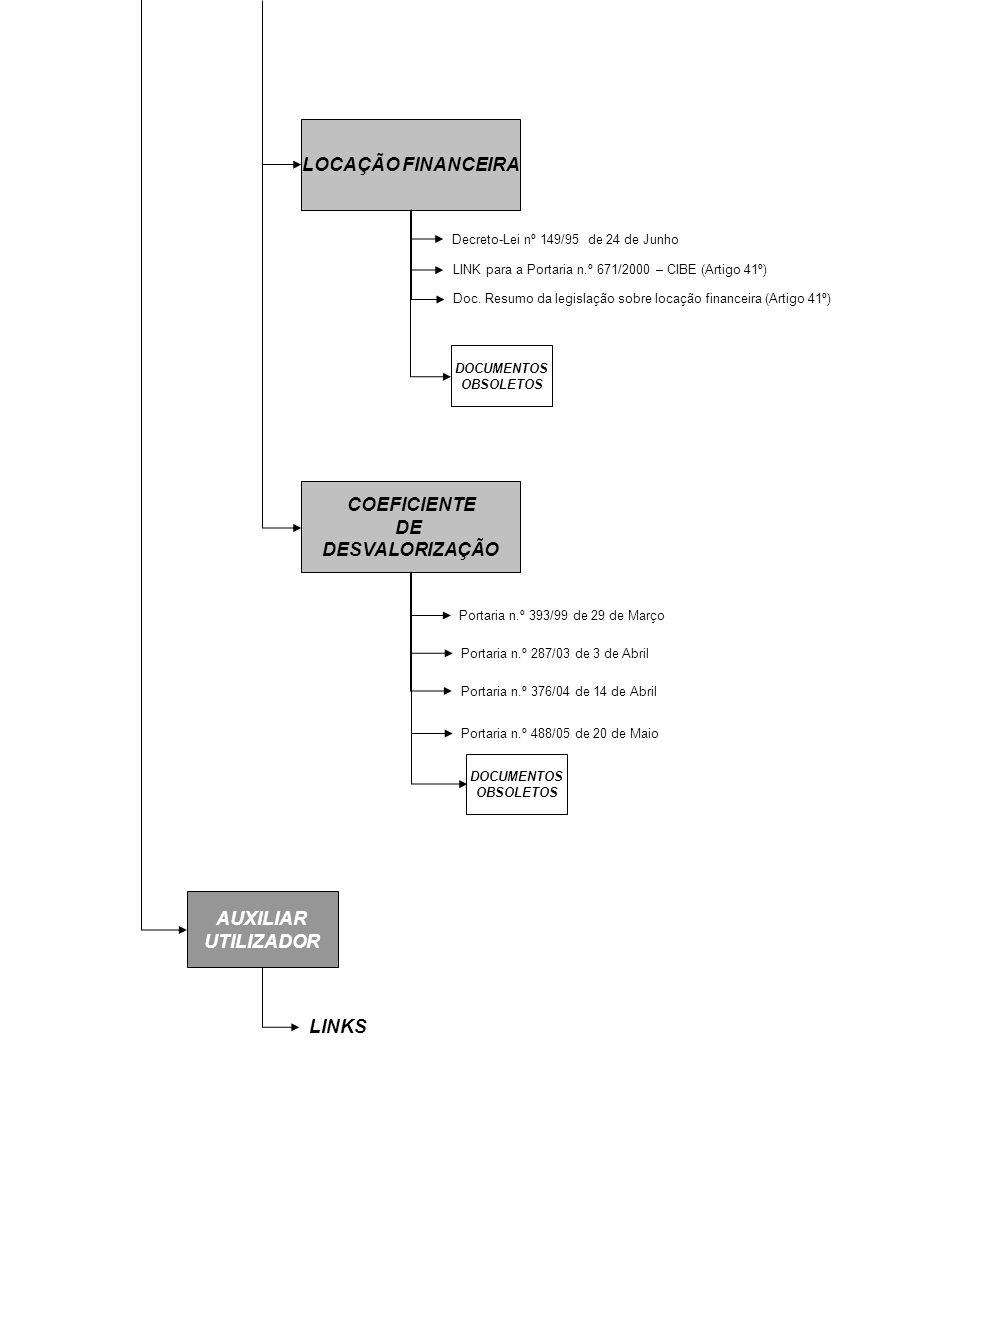 AUXILIAR UTILIZADOR LINKS LOCAÇÃO FINANCEIRA Decreto-Lei nº 149/95 de 24 de Junho LINK para a Portaria n.º 671/2000 – CIBE (Artigo 41º) COEFICIENTE DE